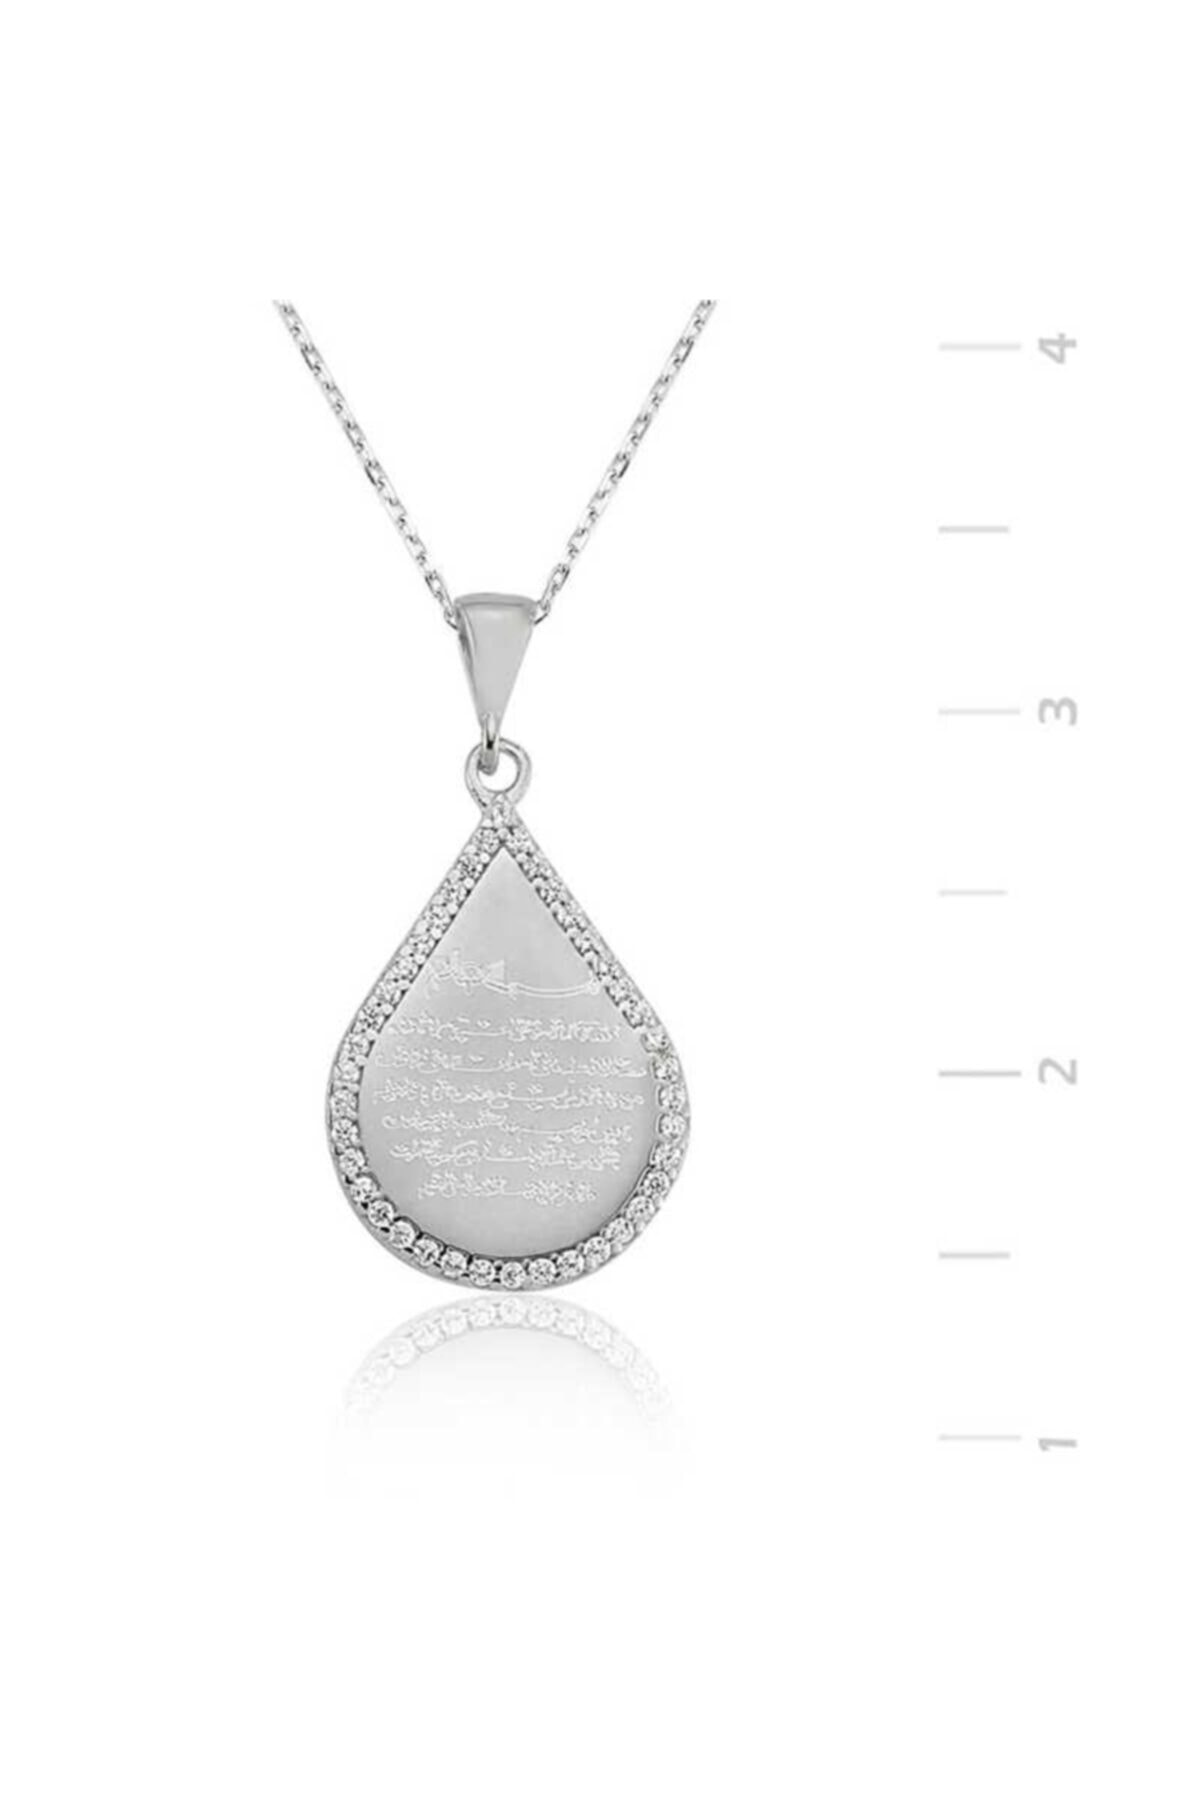 Silverplus Kadın Gümüş Damla Ayetel Kürsi Kolye 1102 1